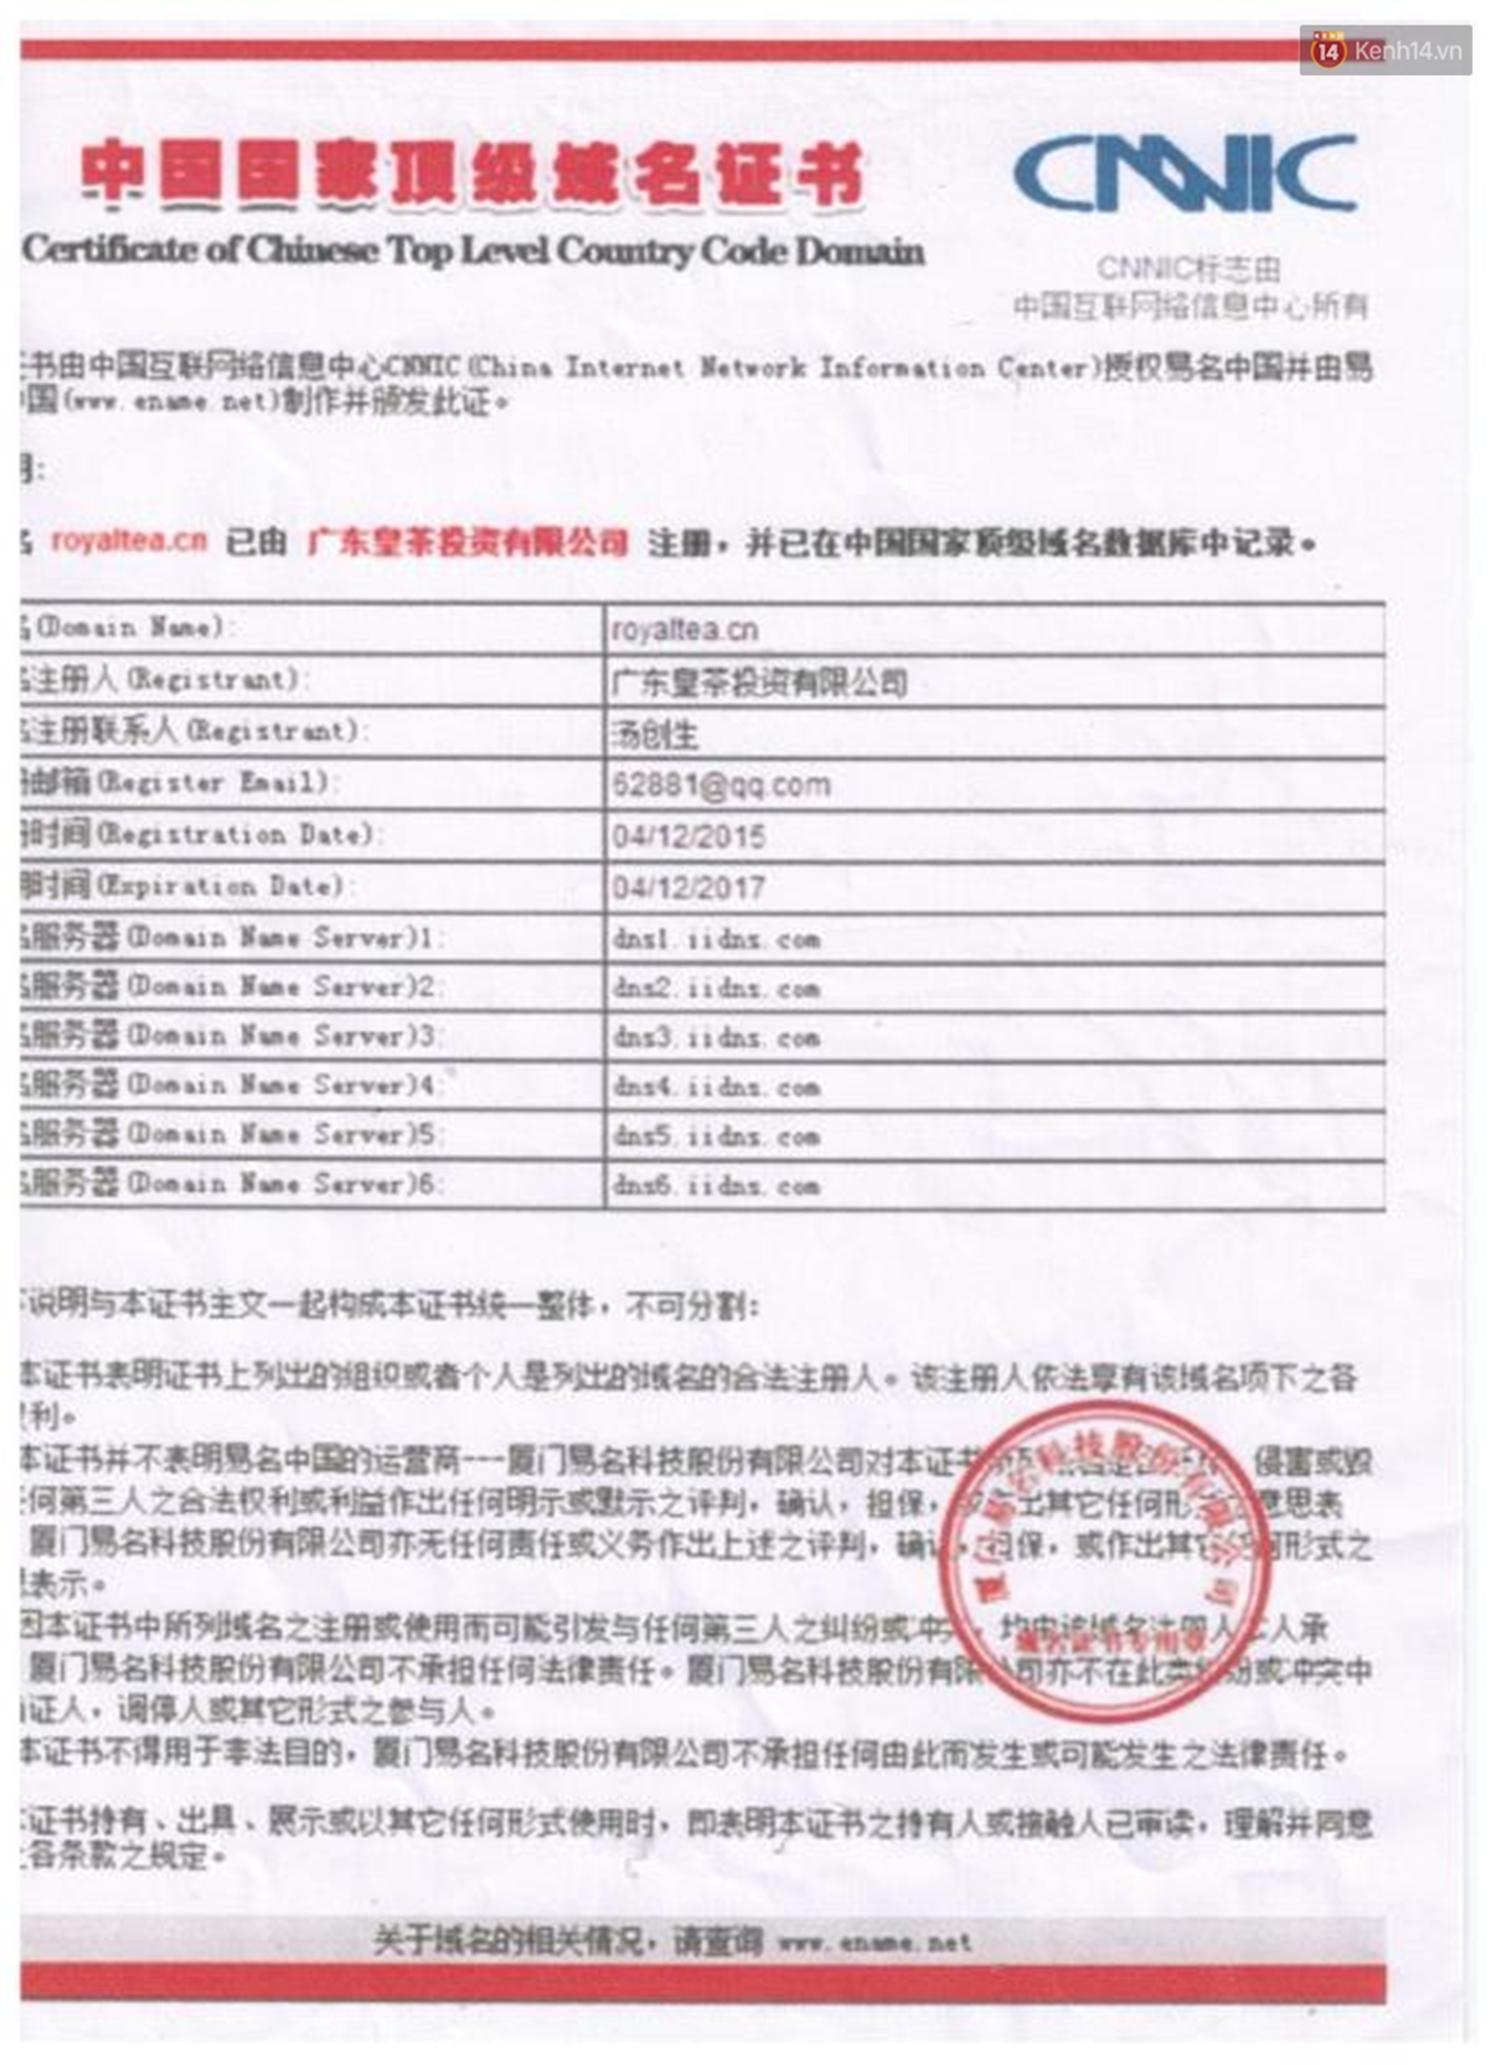 Chủ sở hữu của các chuỗi Royaltea tại Hà Nội, Sài Gòn: Thương hiệu Royaltea không được bảo hộ nên ai cũng có thể kinh doanh mà không vi phạm pháp luật - Ảnh 6.